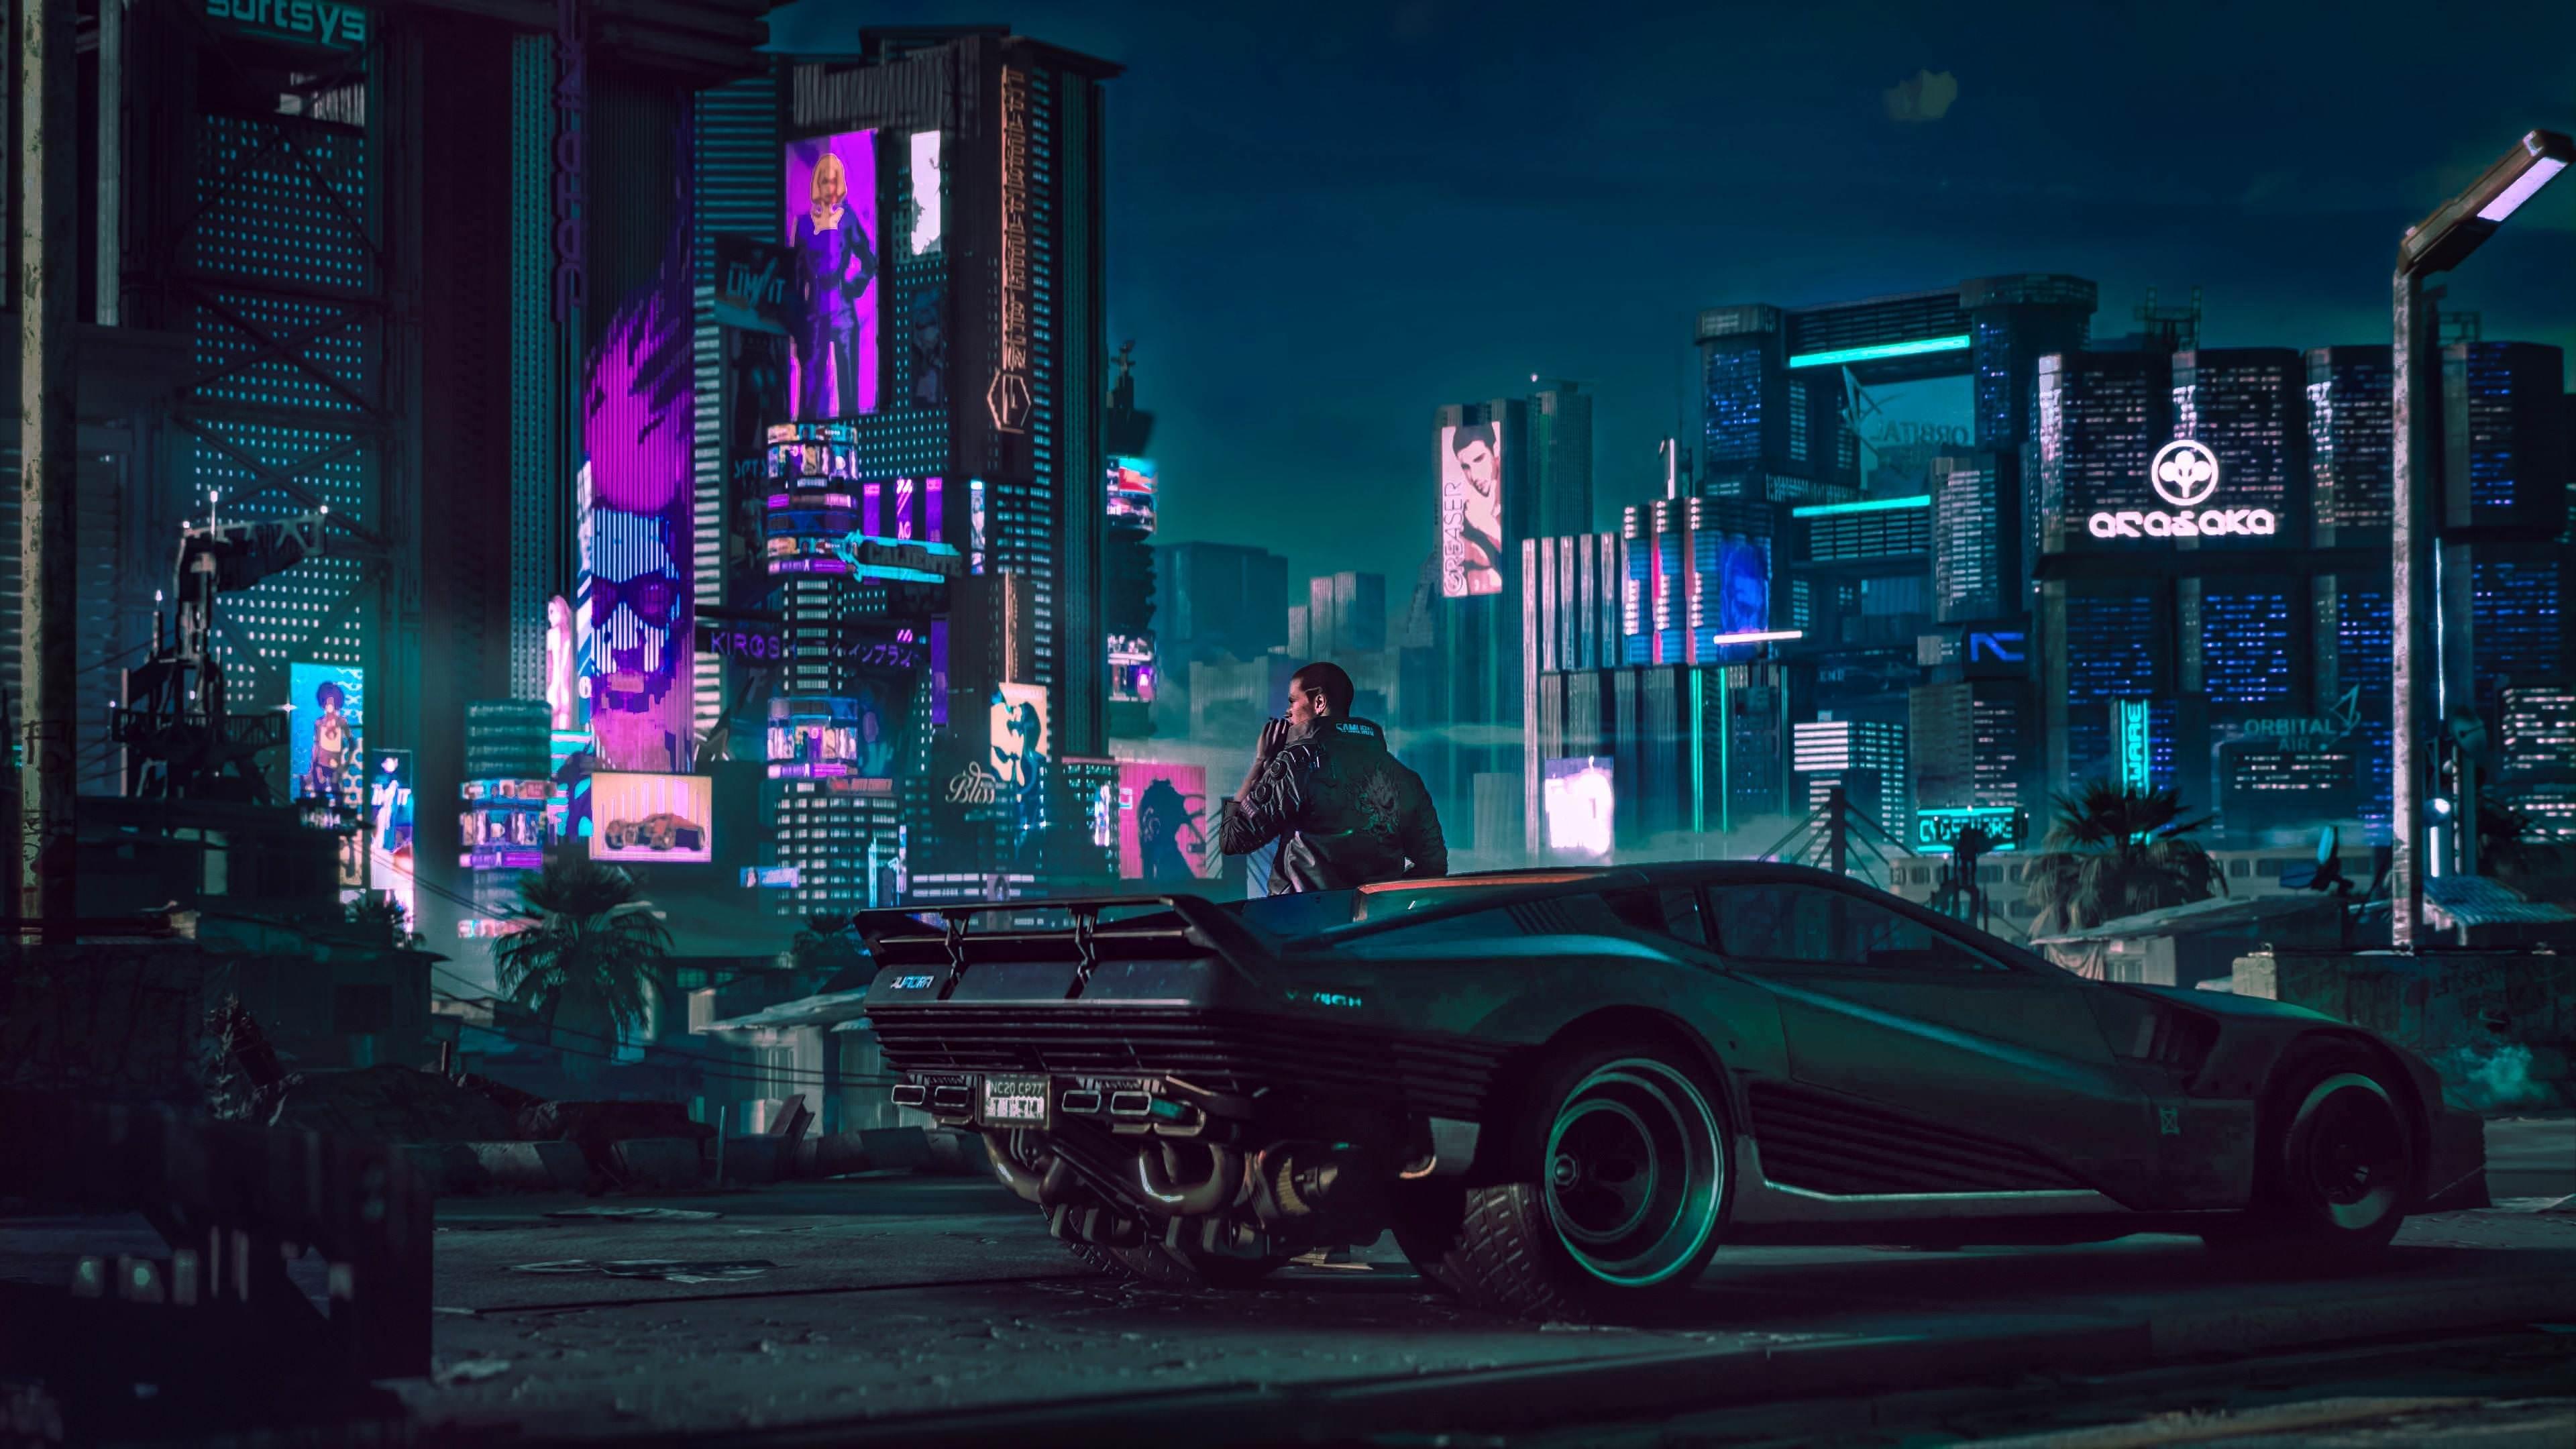 Cyberpunk 2077 Wallpapers Top Free Cyberpunk 2077 Backgrounds Wallpaperaccess